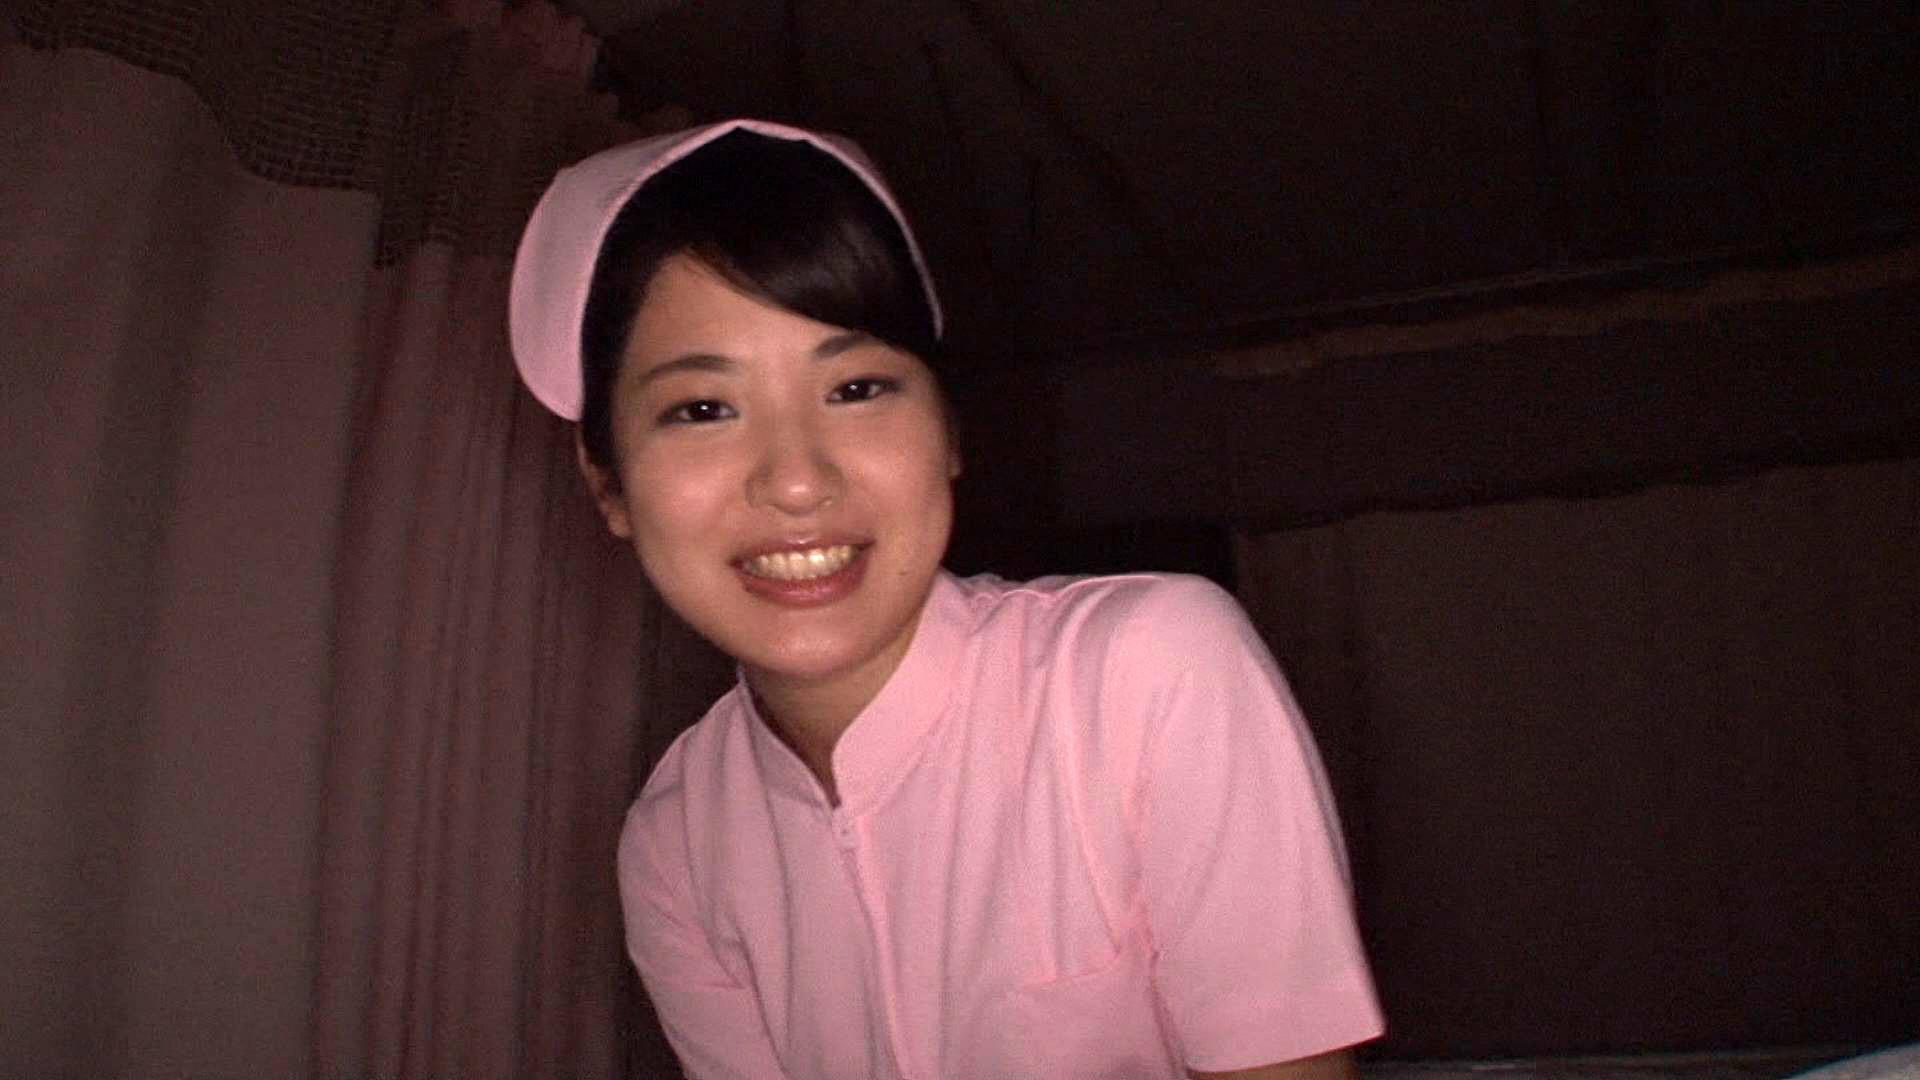 綺麗で患者思いの看護婦さんが夜な夜な訪れてきて僕のチ○ポに悪戯するんですっ! 画像1